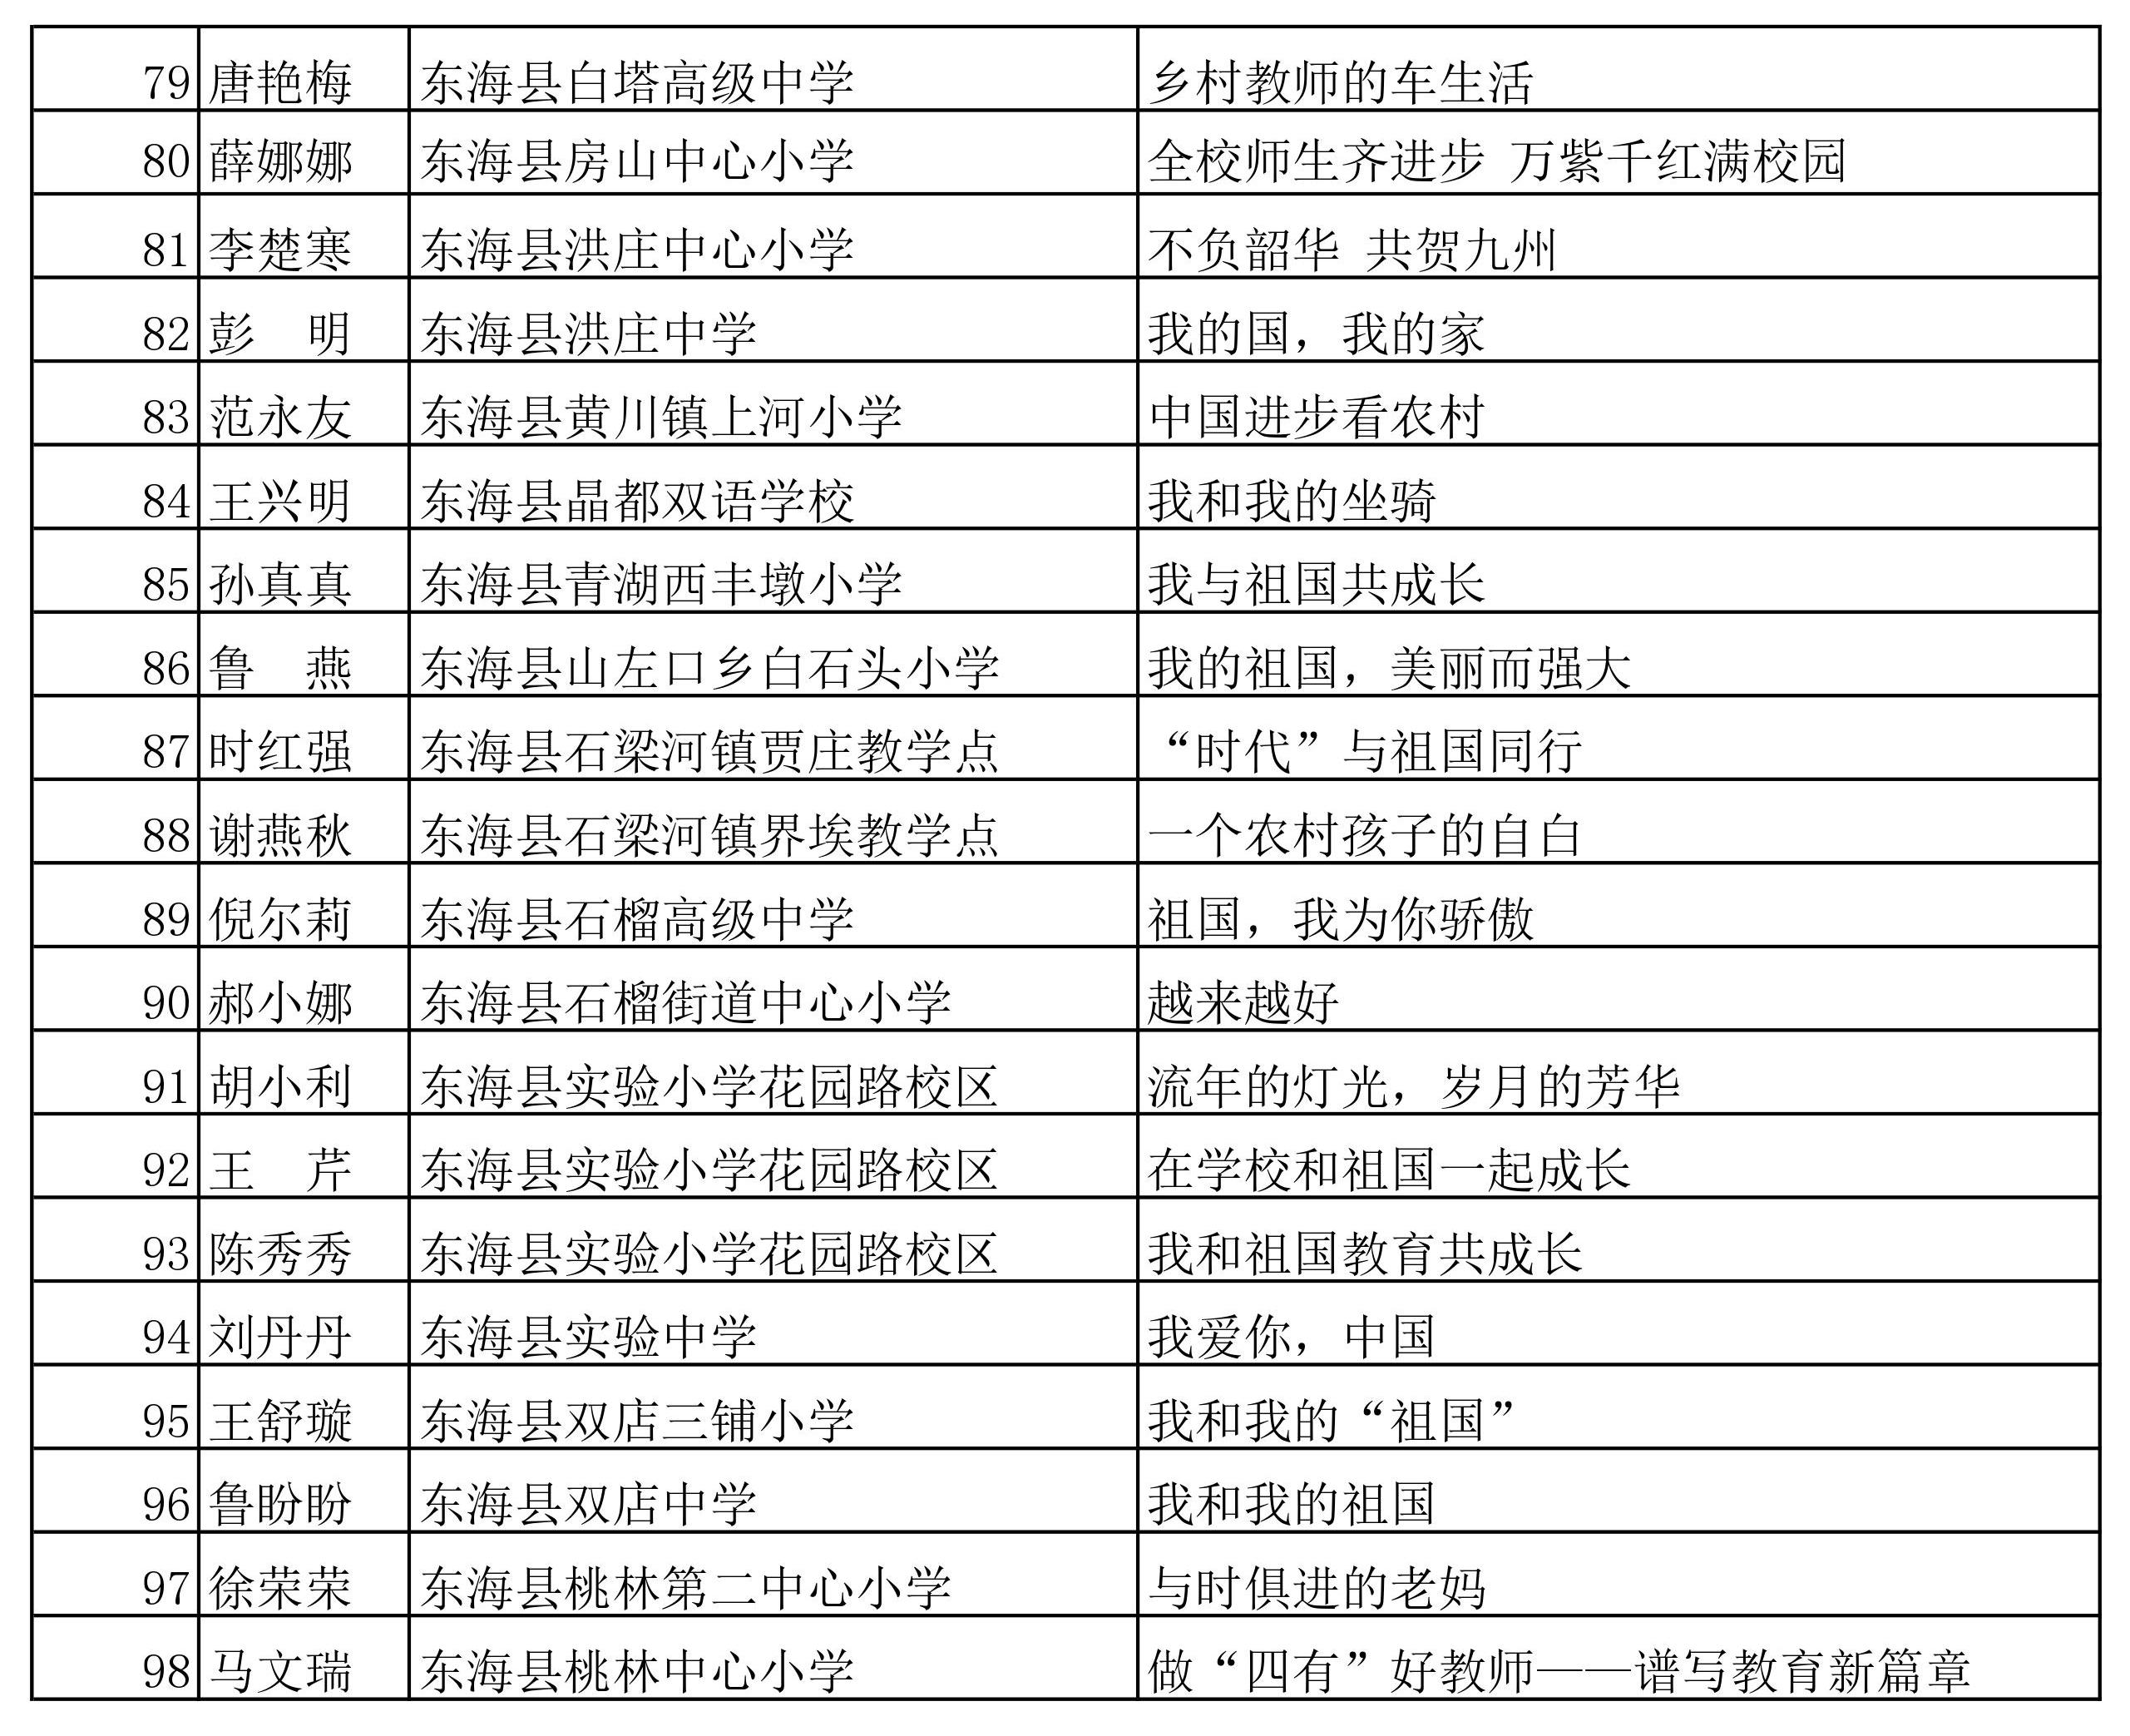 0005_副本_副本.jpg